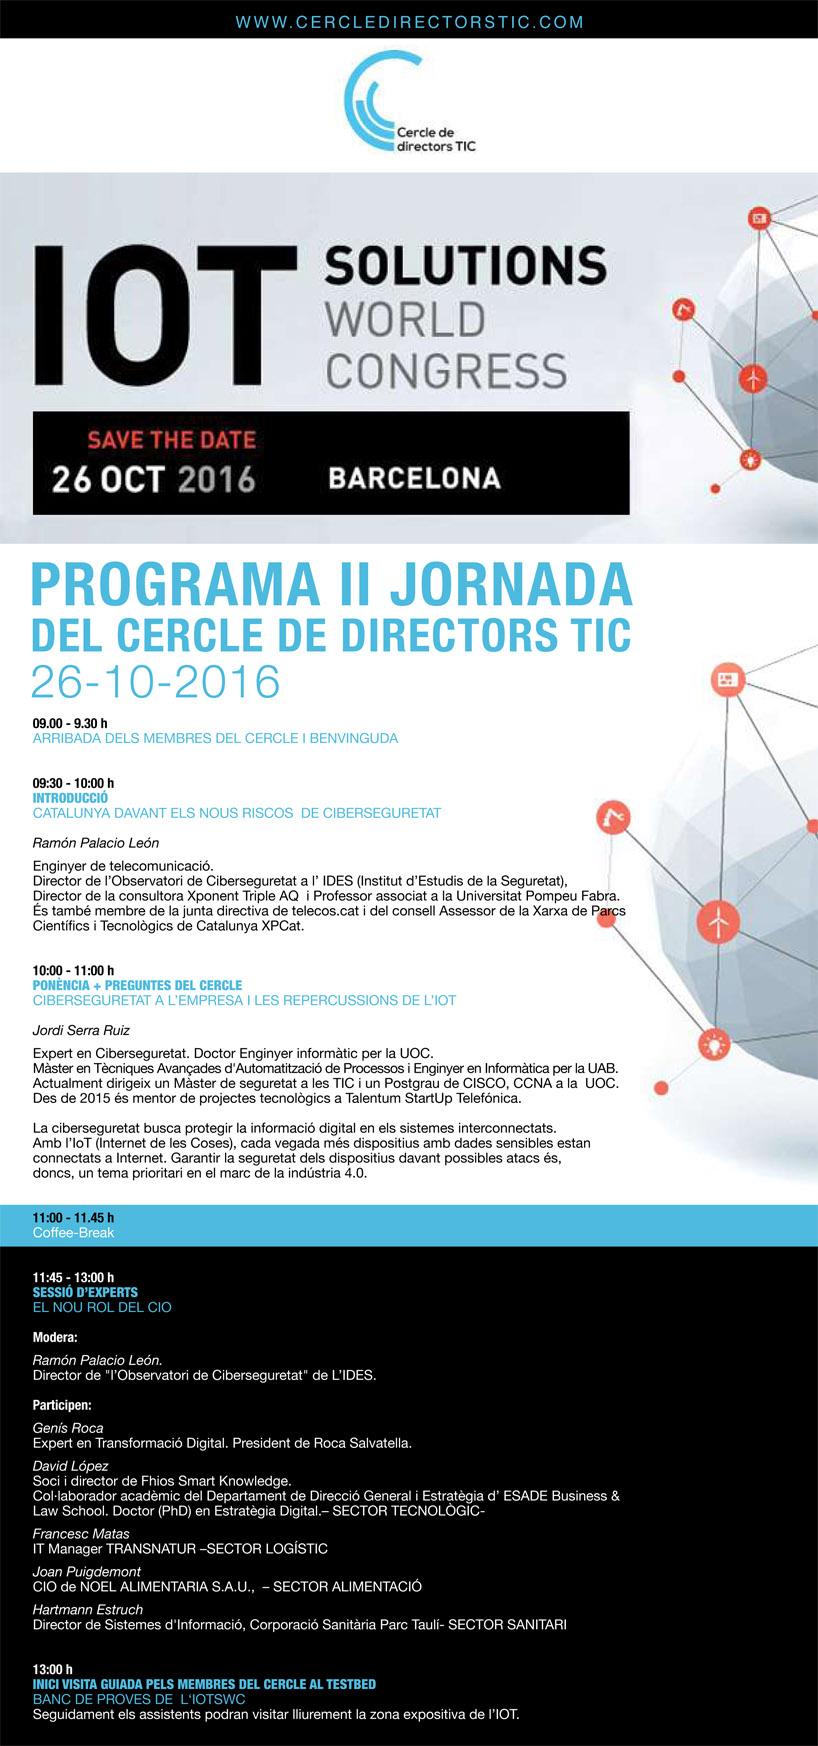 Programa Cercle Directors TIC - 26 octubre IOTSWC